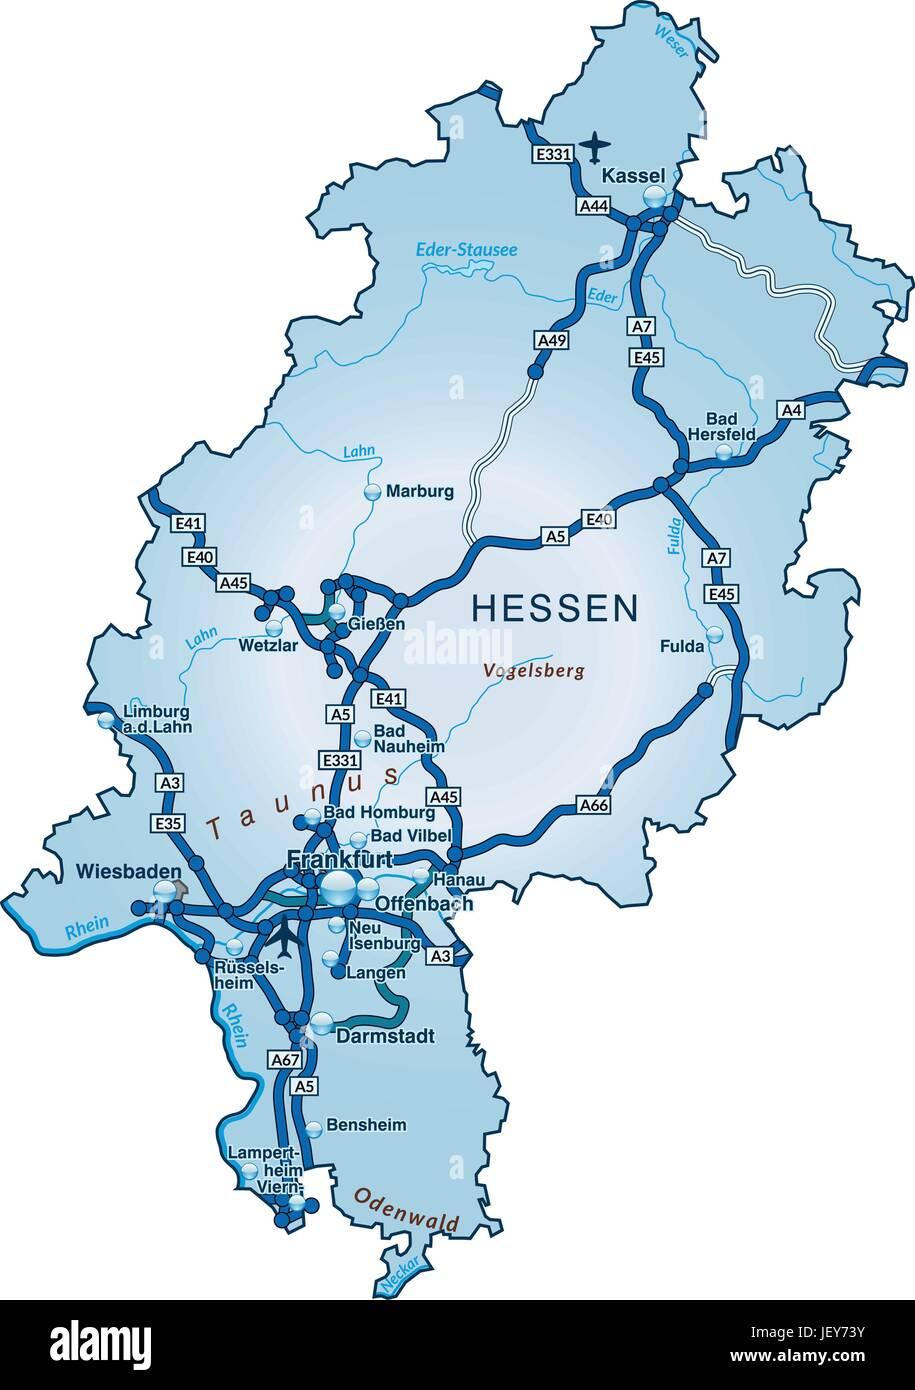 Traffic Transportation Hesse Motorway Highway Card State